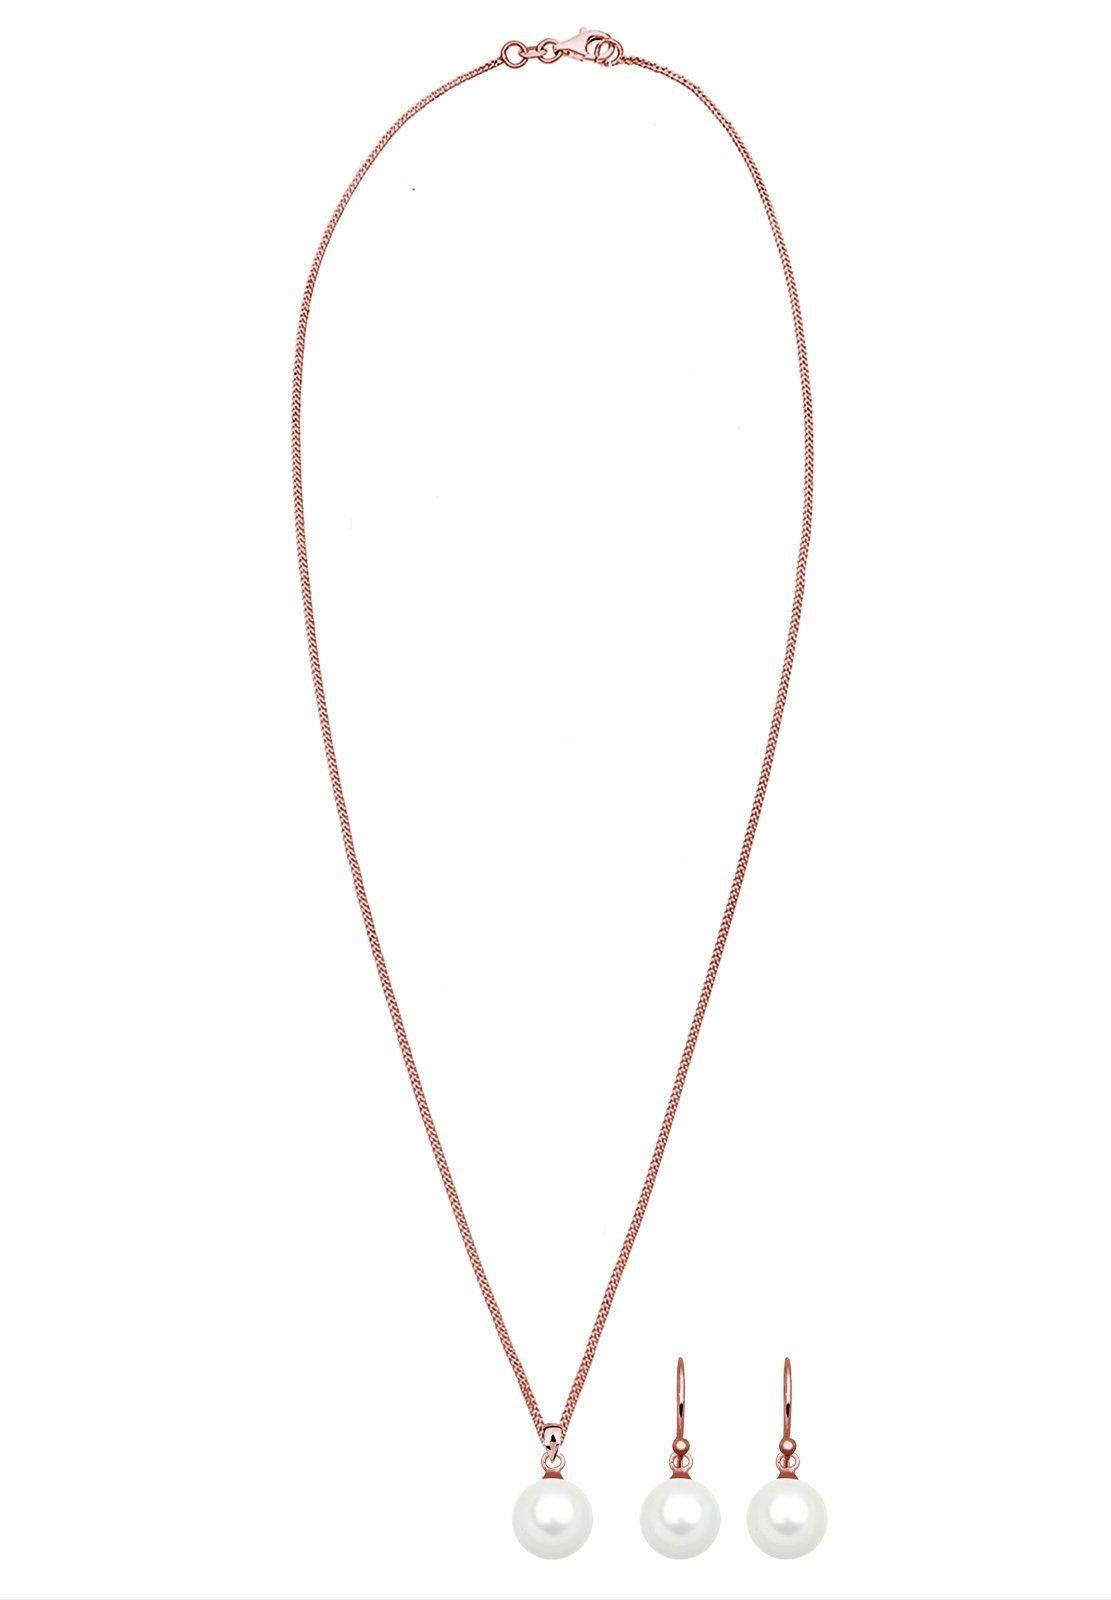 Elli Ohrring und Ketten Set Muschelkernperle 925 Sterling Silber Geschenkidee online kaufen oYH9G0